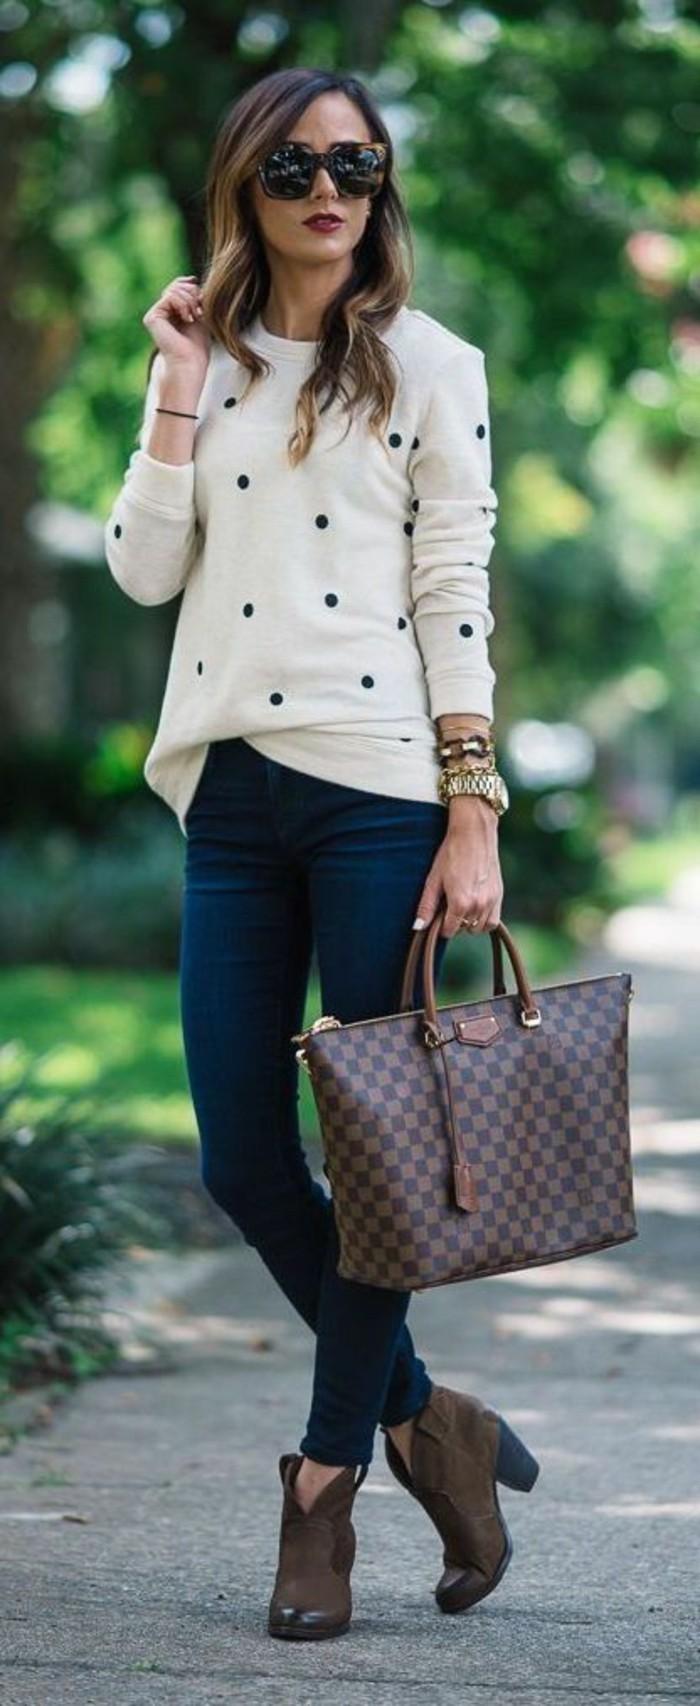 personne-bien-habillé-tenue-femme-classe- femme-habillée-tenue-femme-hiver